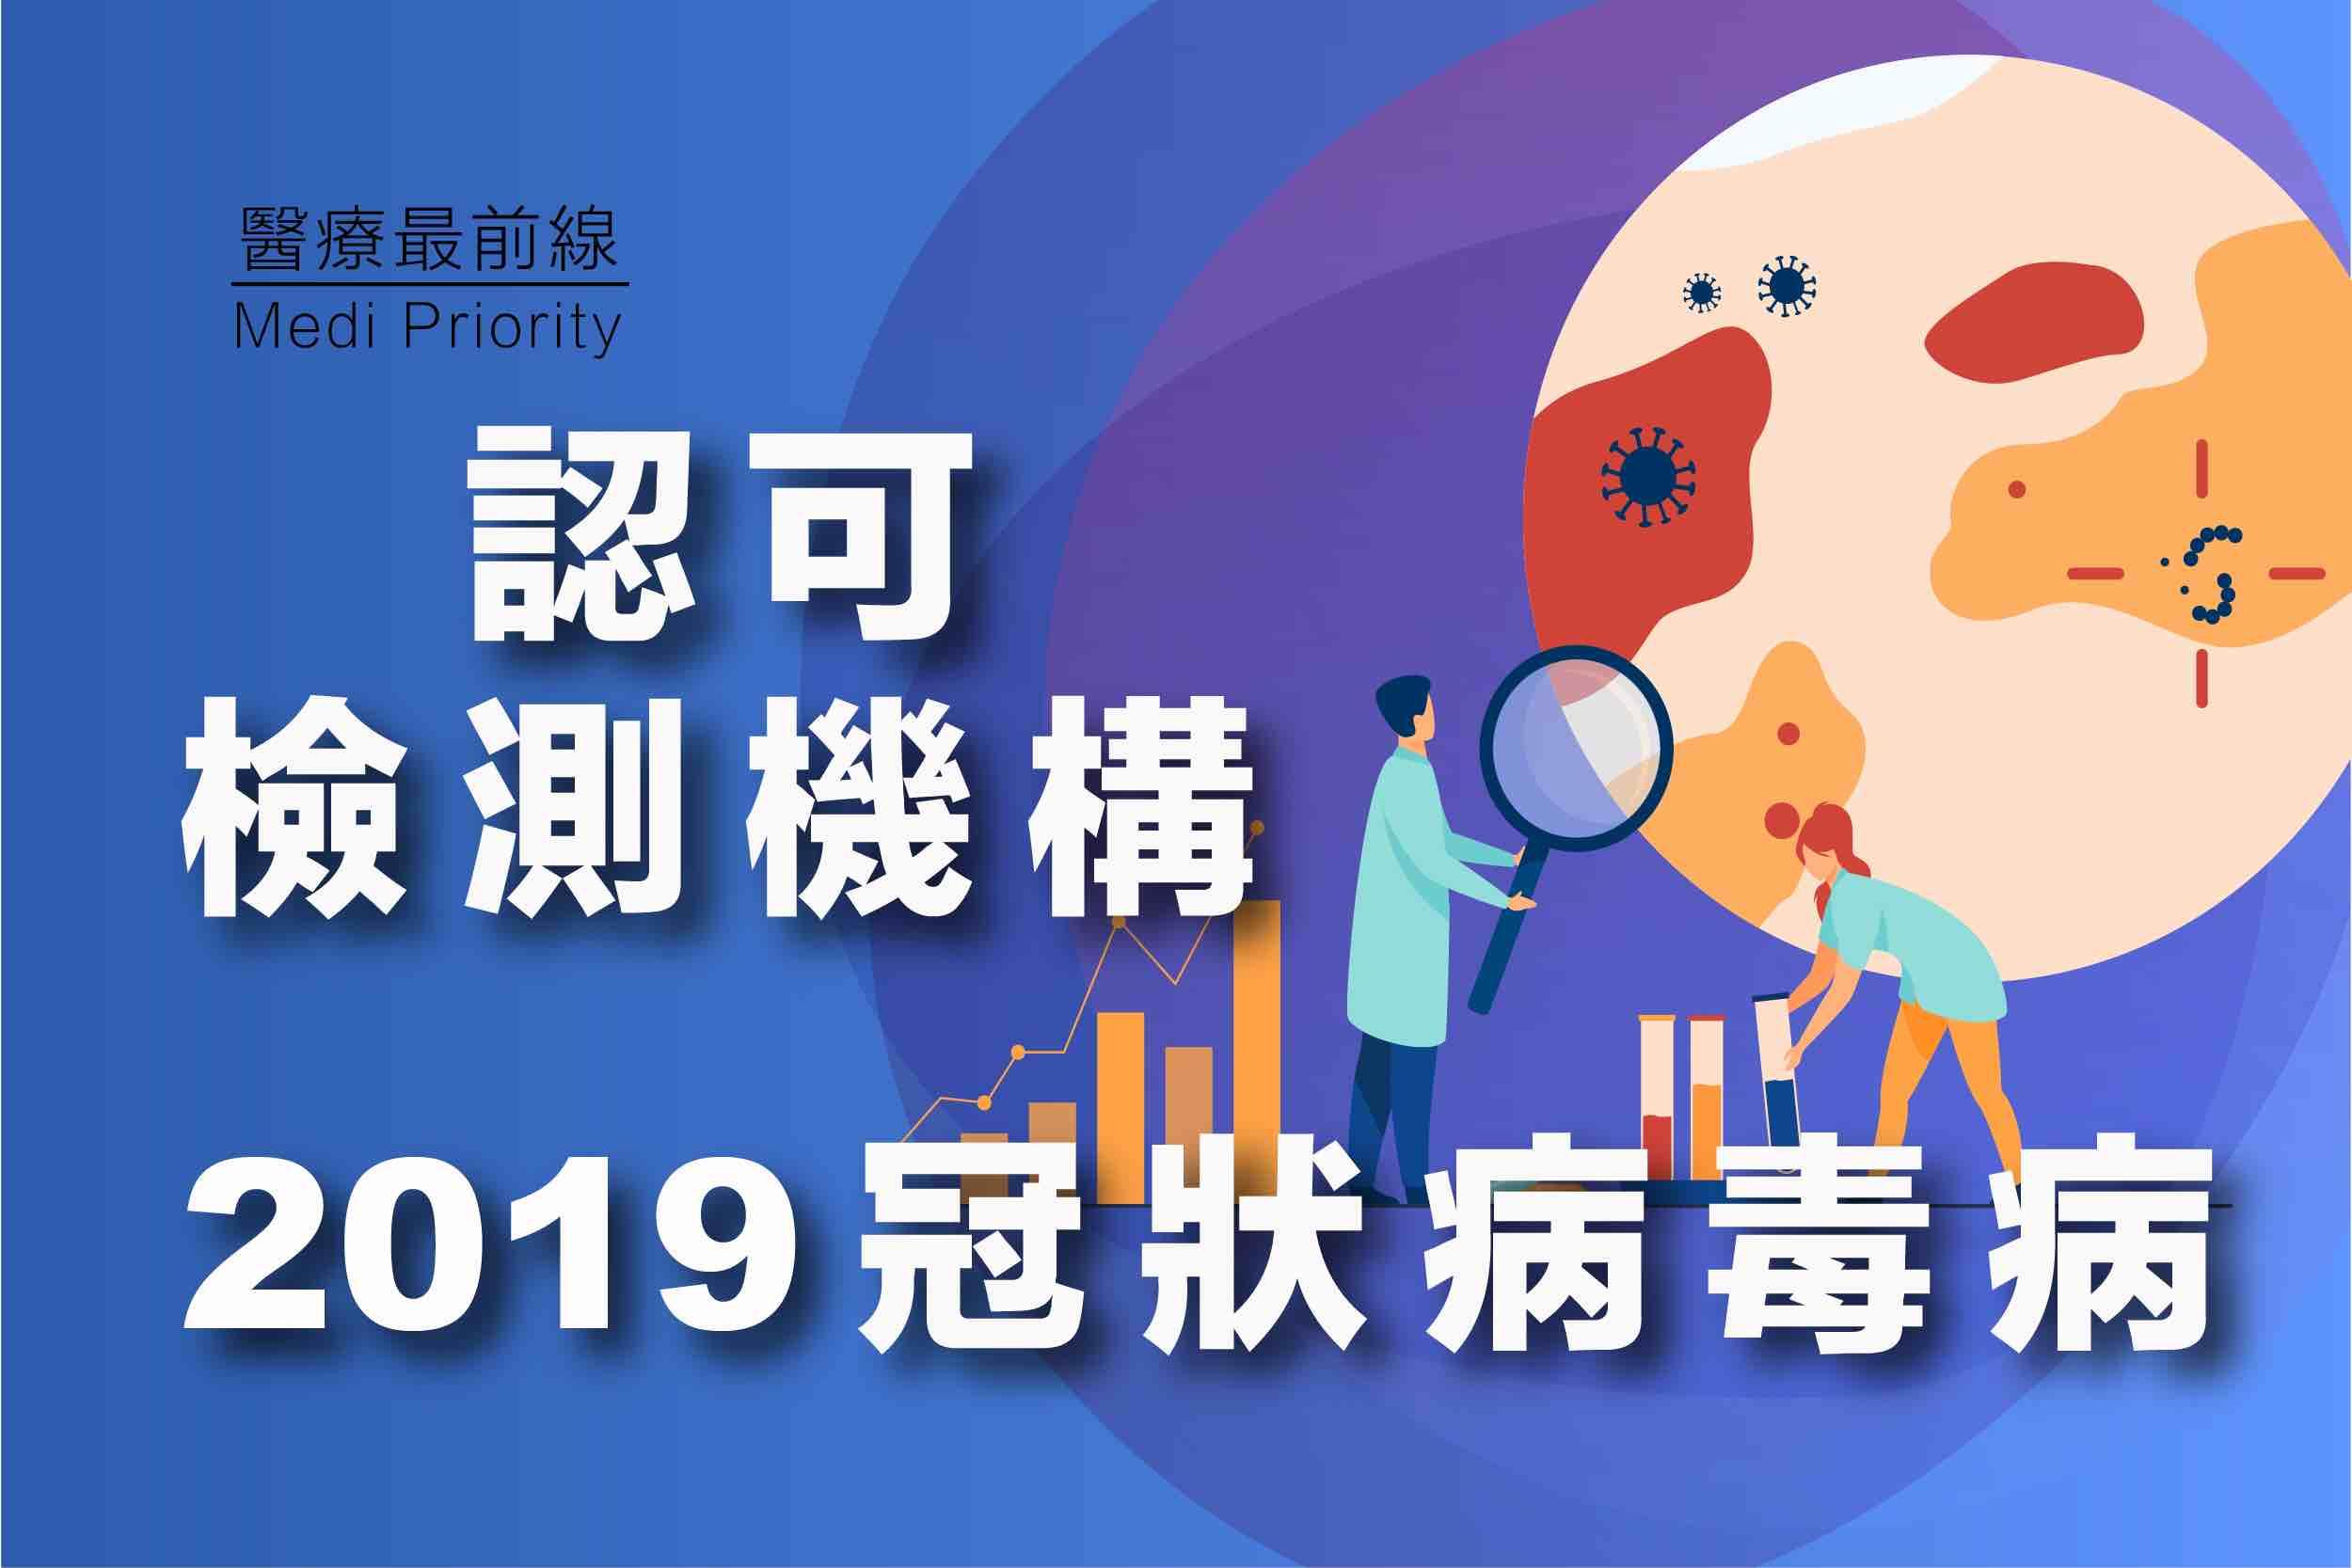 【15間香港政府認可病毒測試機構】詳細名單下載